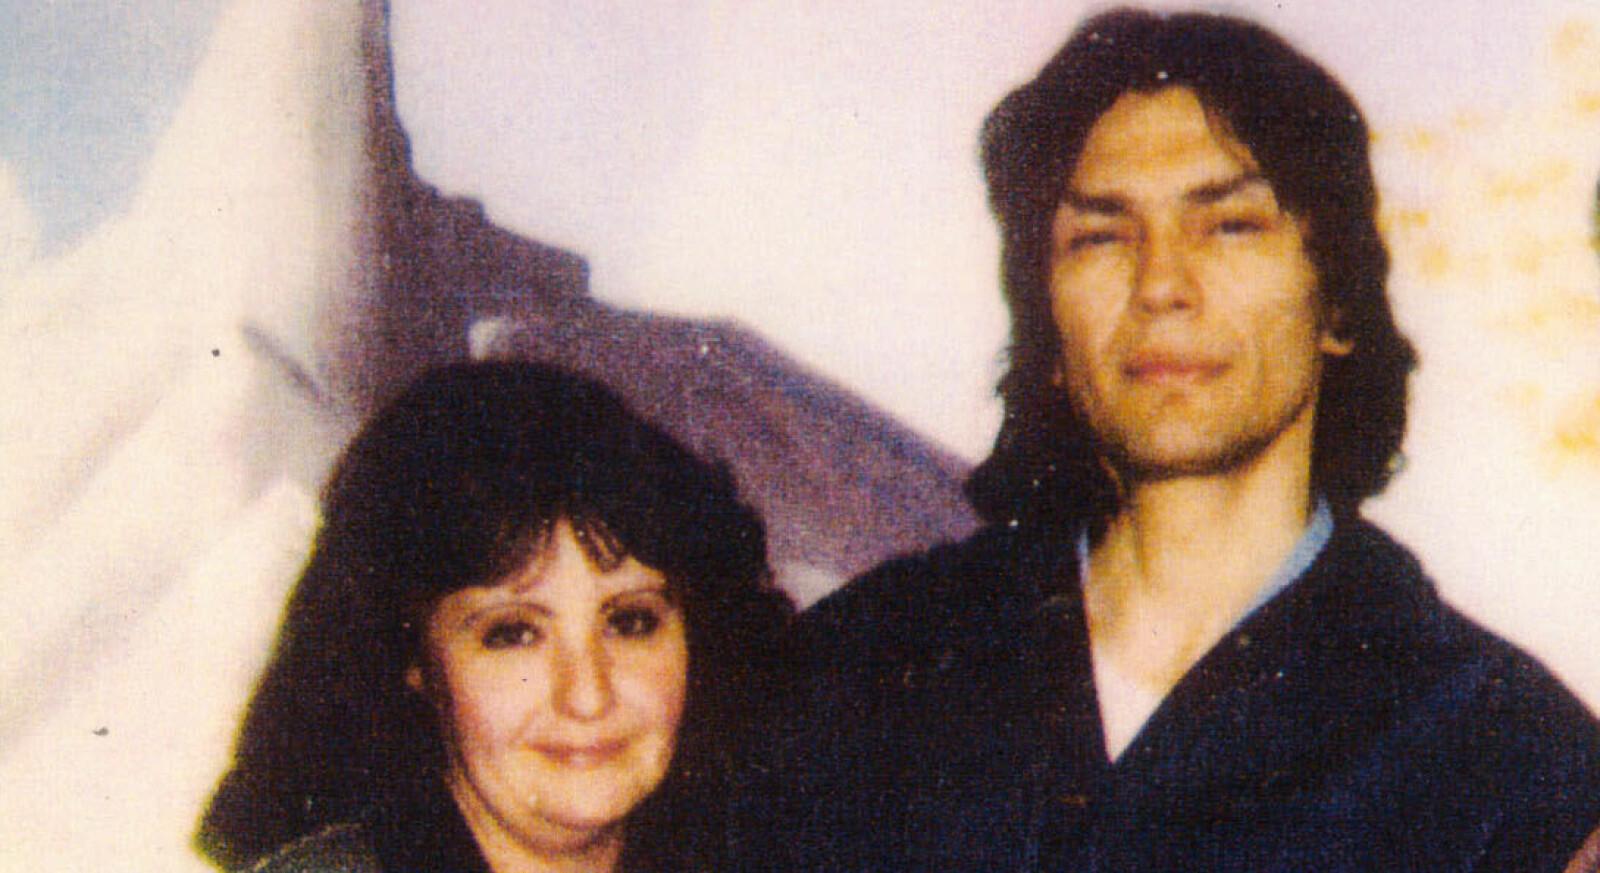 <b>DRAGET PÅ DØDSCELLA:</b> Doreen Lioy (t.v.) sendte seriedrapsmannen Richard Ramirez intet mindre enn 75 kjærlighetsbrev.